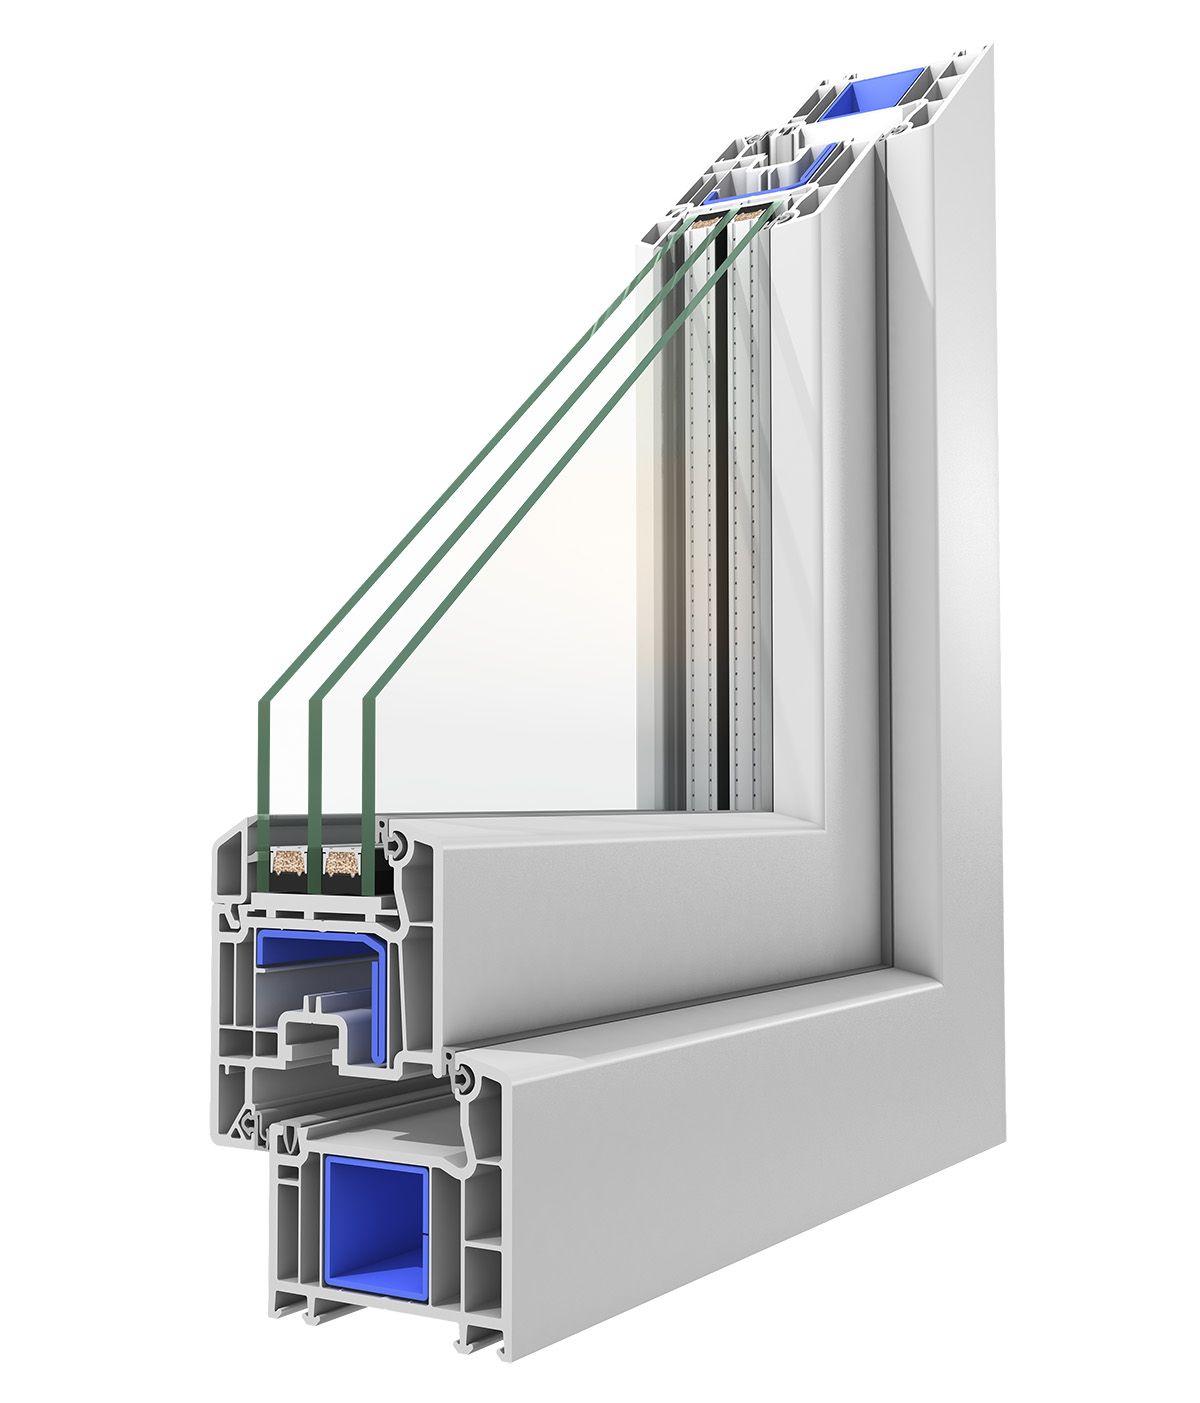 Full Size of Fenster Veka Softline 70 Testberichte 82 Md 76 Erfahrungen Ad Bewertung Kaufen Mm Mit Dreifachverglasung Adigafenster Braun Drutex Einbauen Kosten Fenster Fenster Veka